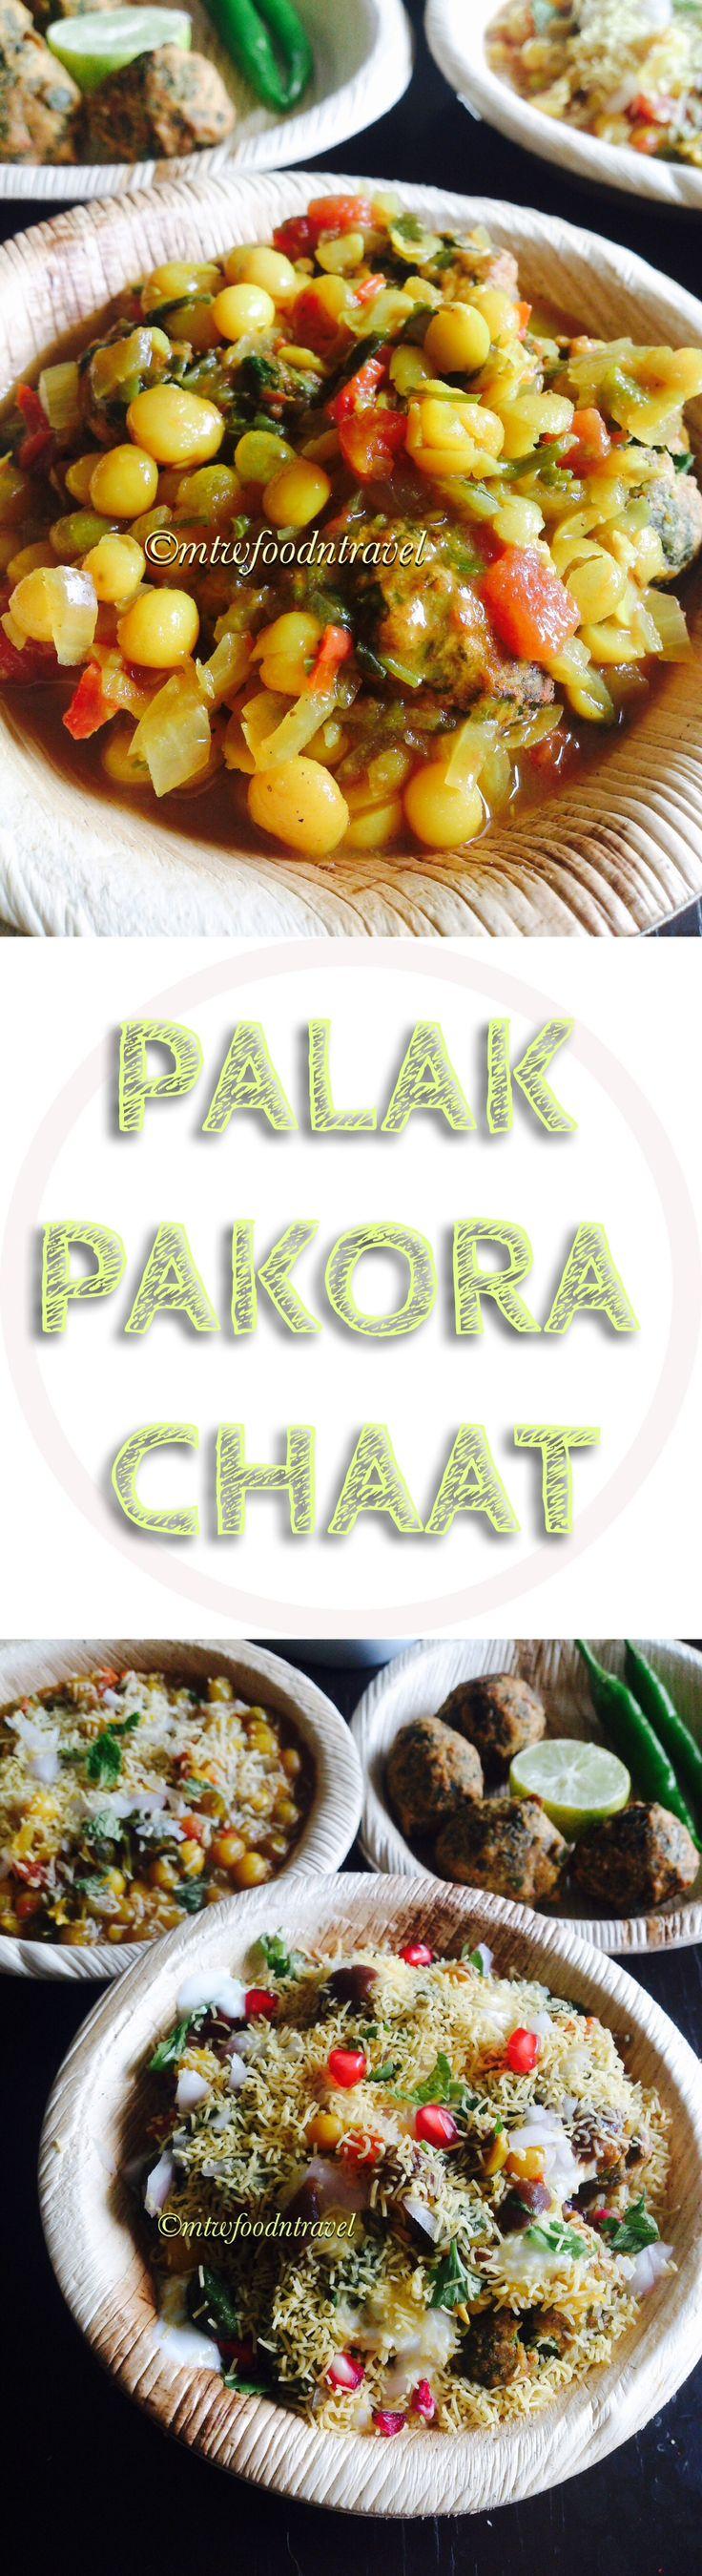 Palak Pakora/Spinach Fritters CHAAT